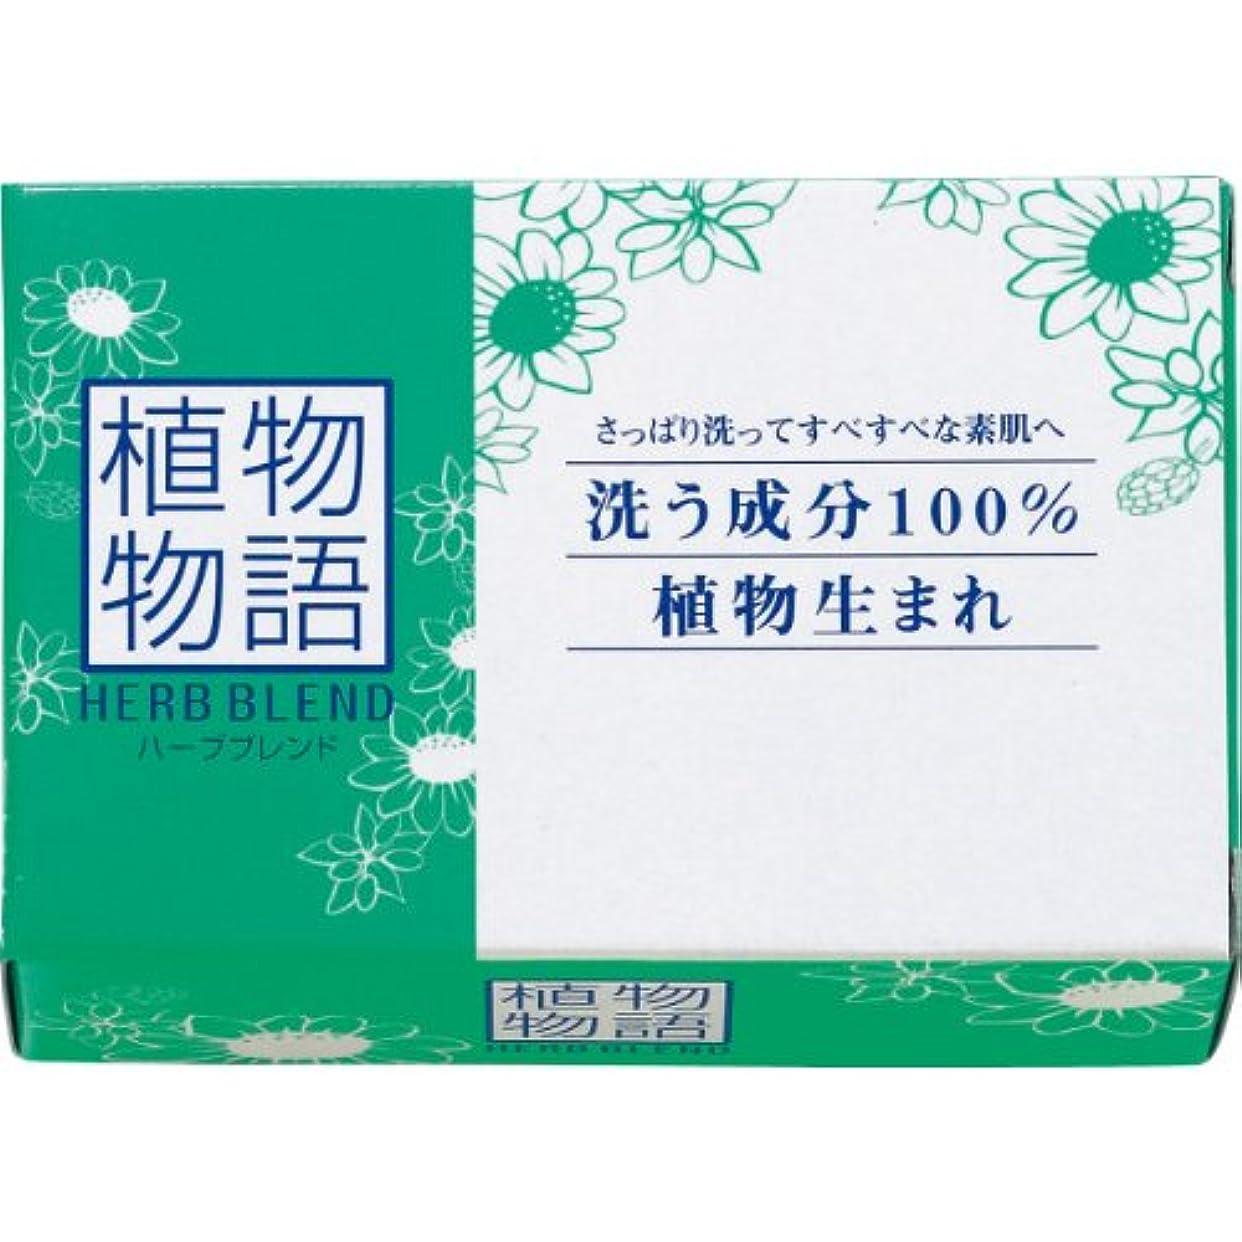 保存悪用アレイ【ライオン】植物物語ハーブブレンド 化粧石鹸 80g